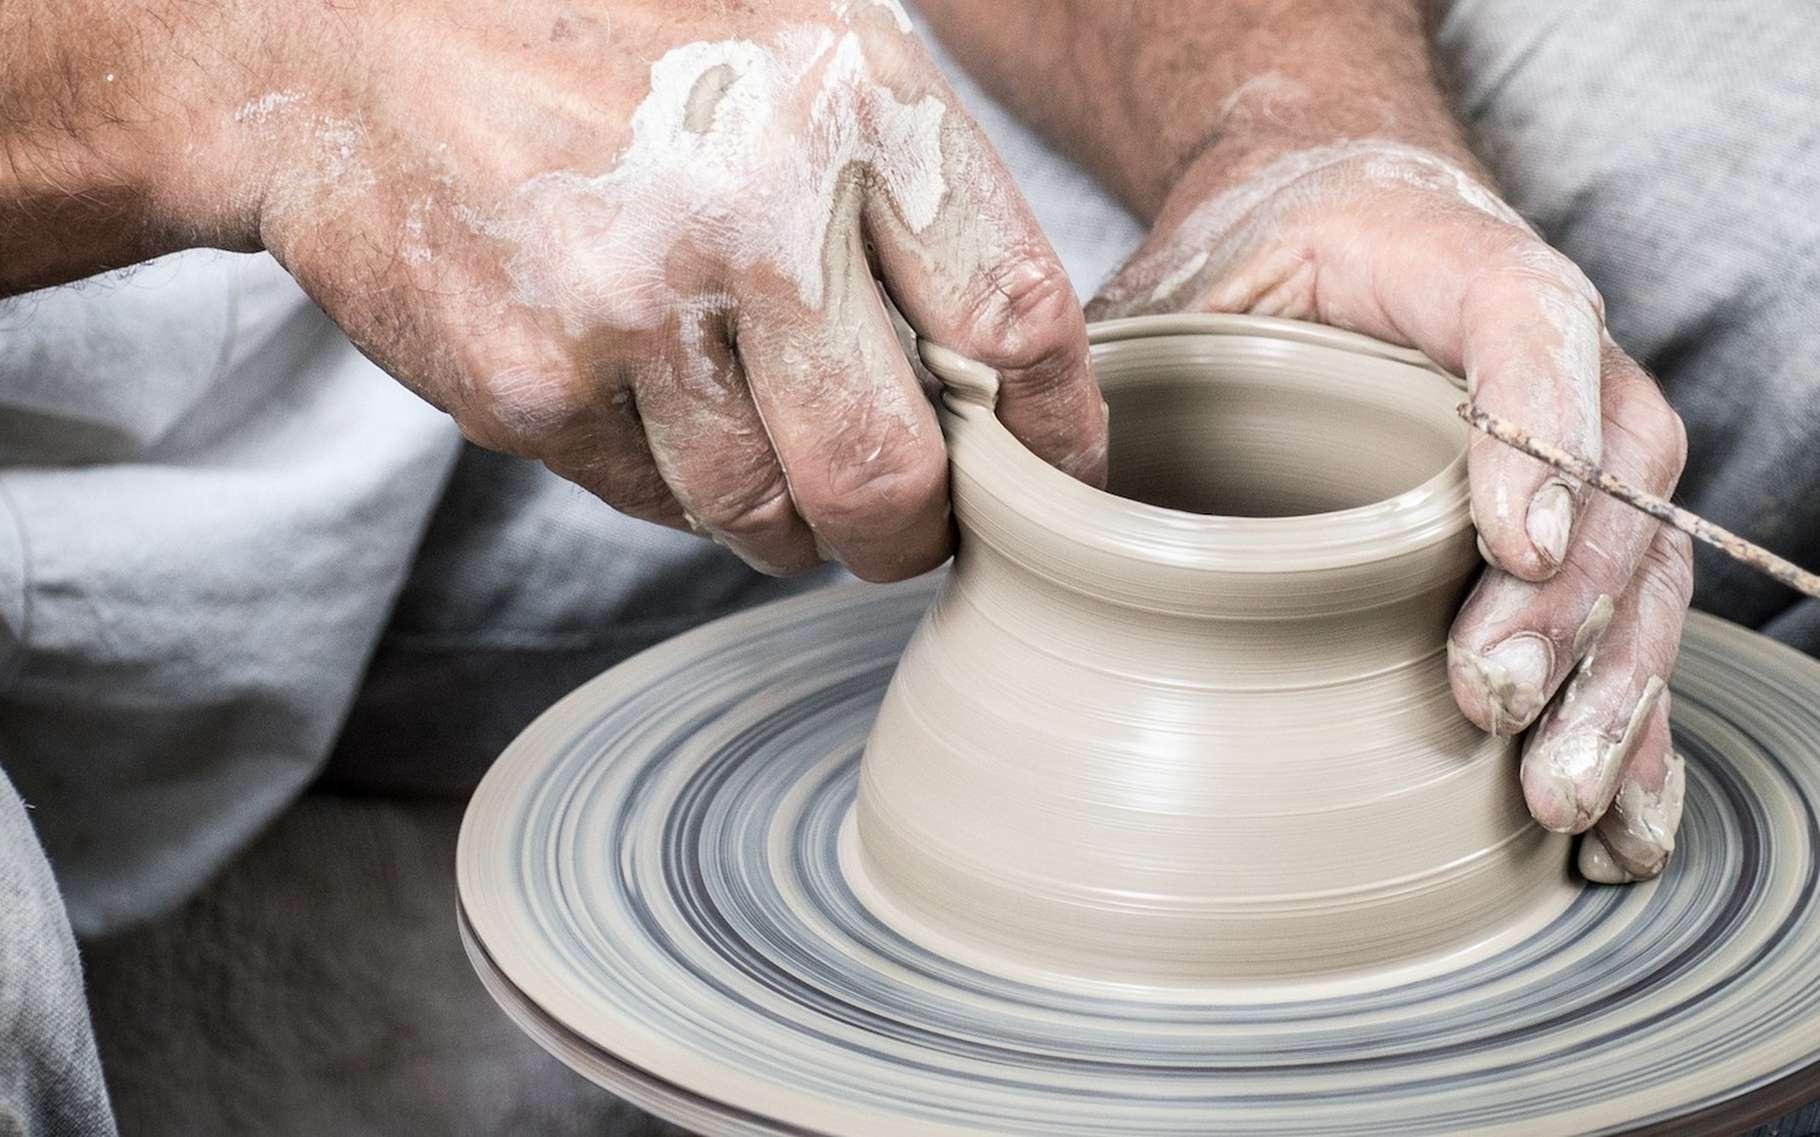 Le terme céramique est employé pour désigner un objet en terre cuite ou pour qualifier un matériau plus technique utilisé dans l'industrie. © LubosHouska, Pixabay, CC0 Creative Commons